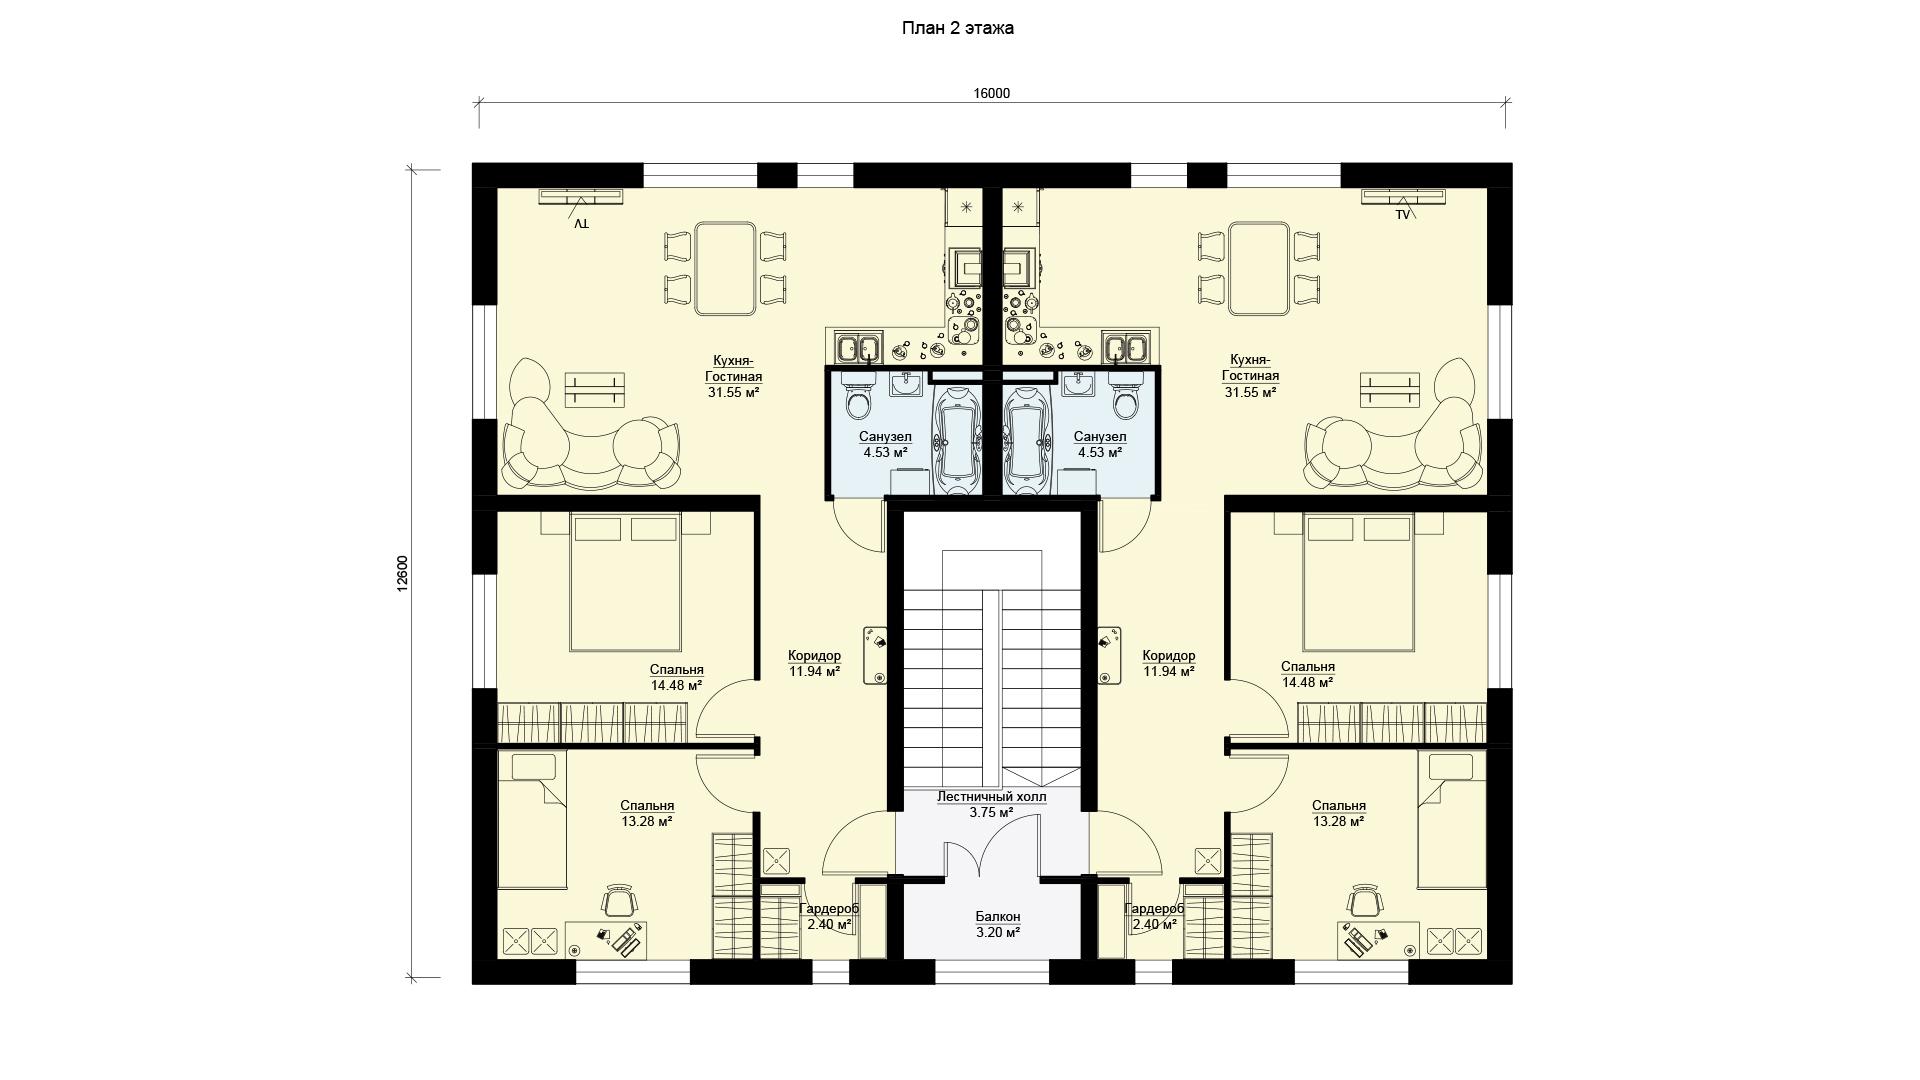 Планировка второго этажа проекта МС-346 - дома на 4 квартиры.